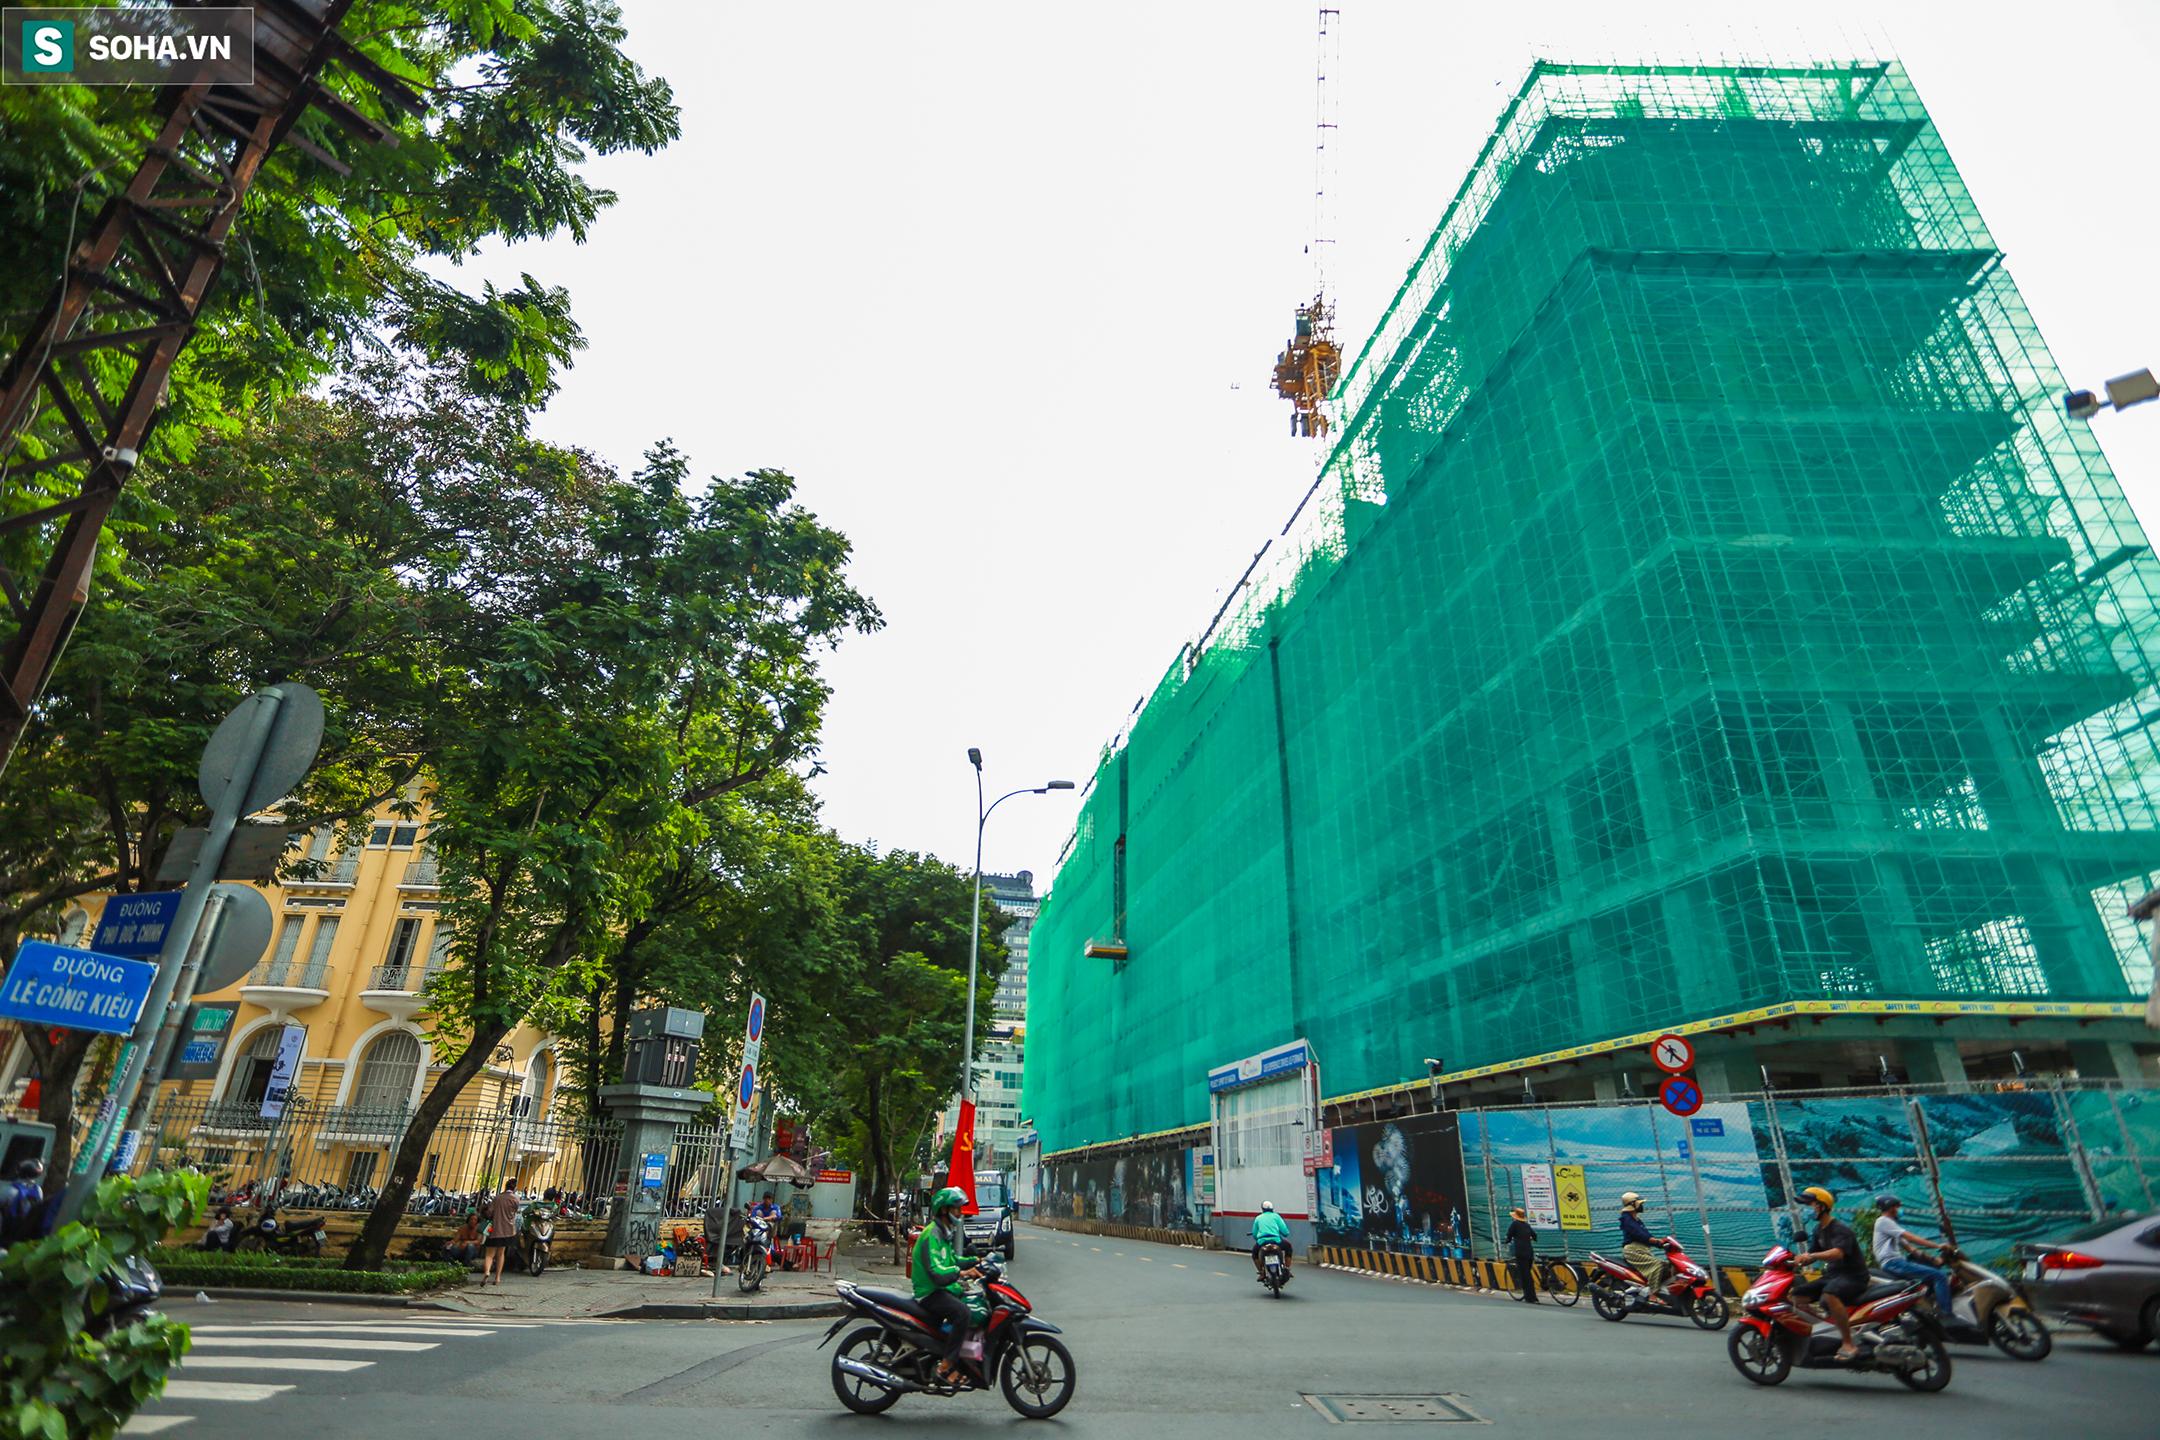 Dự án tứ giác Bến Thành có vị trí đắc địa bậc nhất TP.HCM thi công gây lún nứt Bảo tàng Mỹ thuật - Ảnh 10.